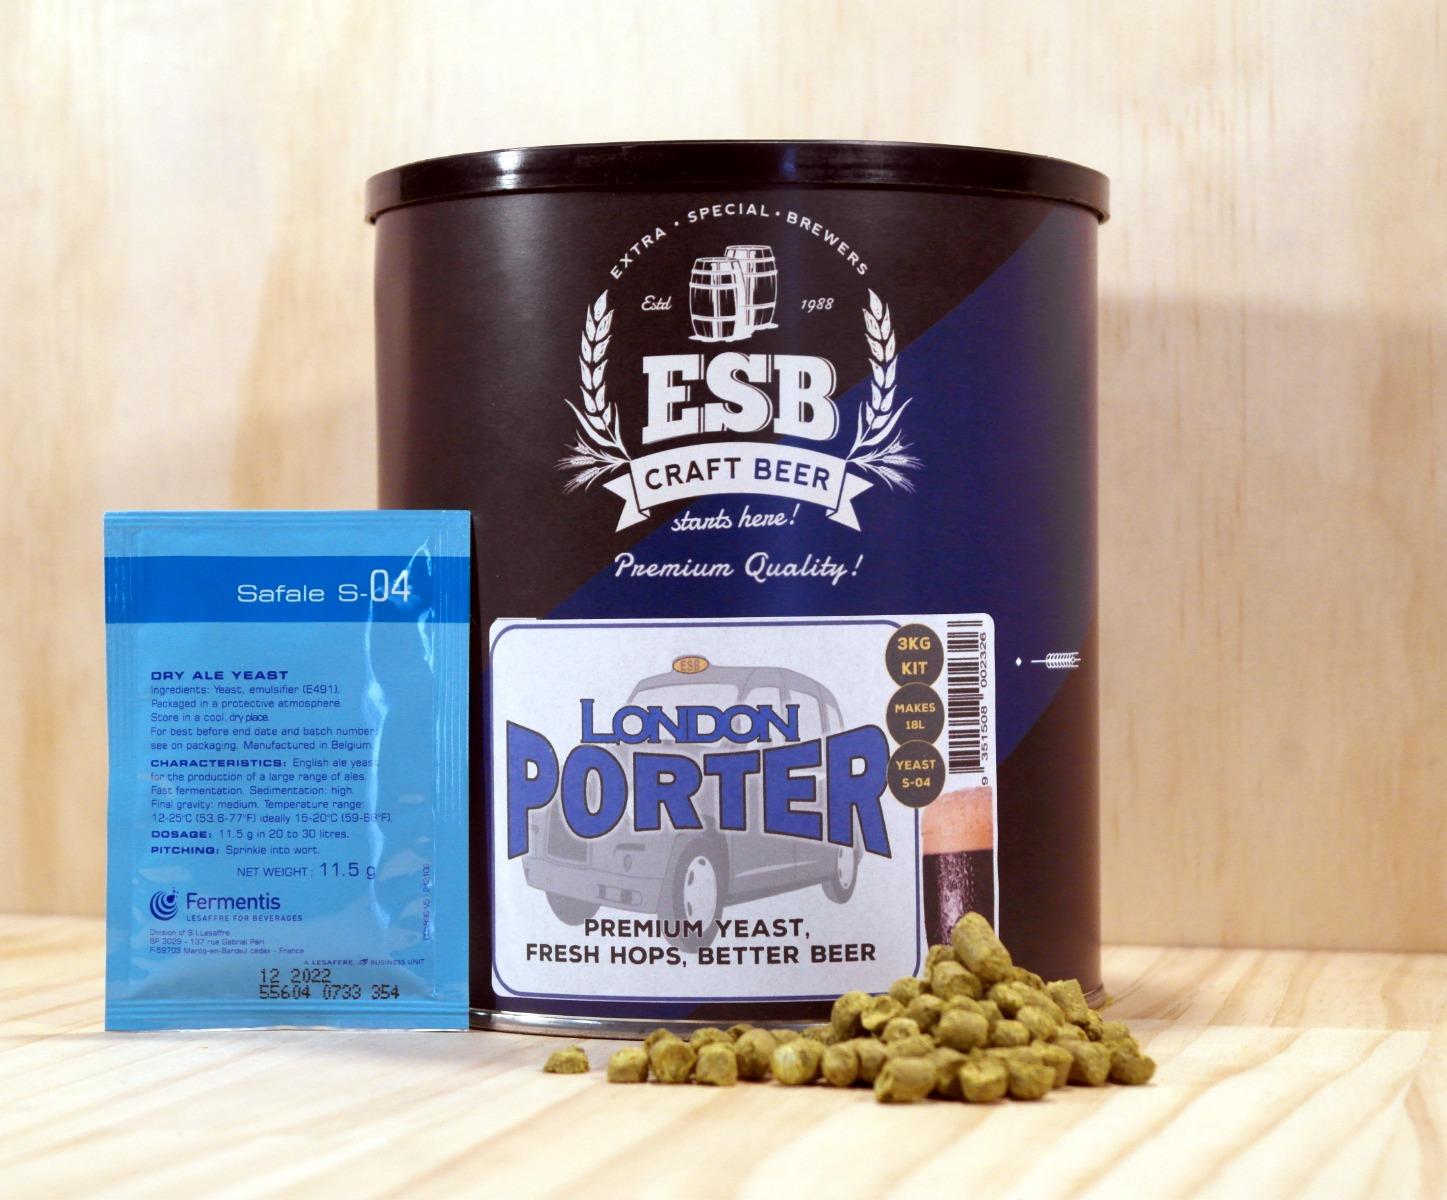 ESB 3kg London Porter